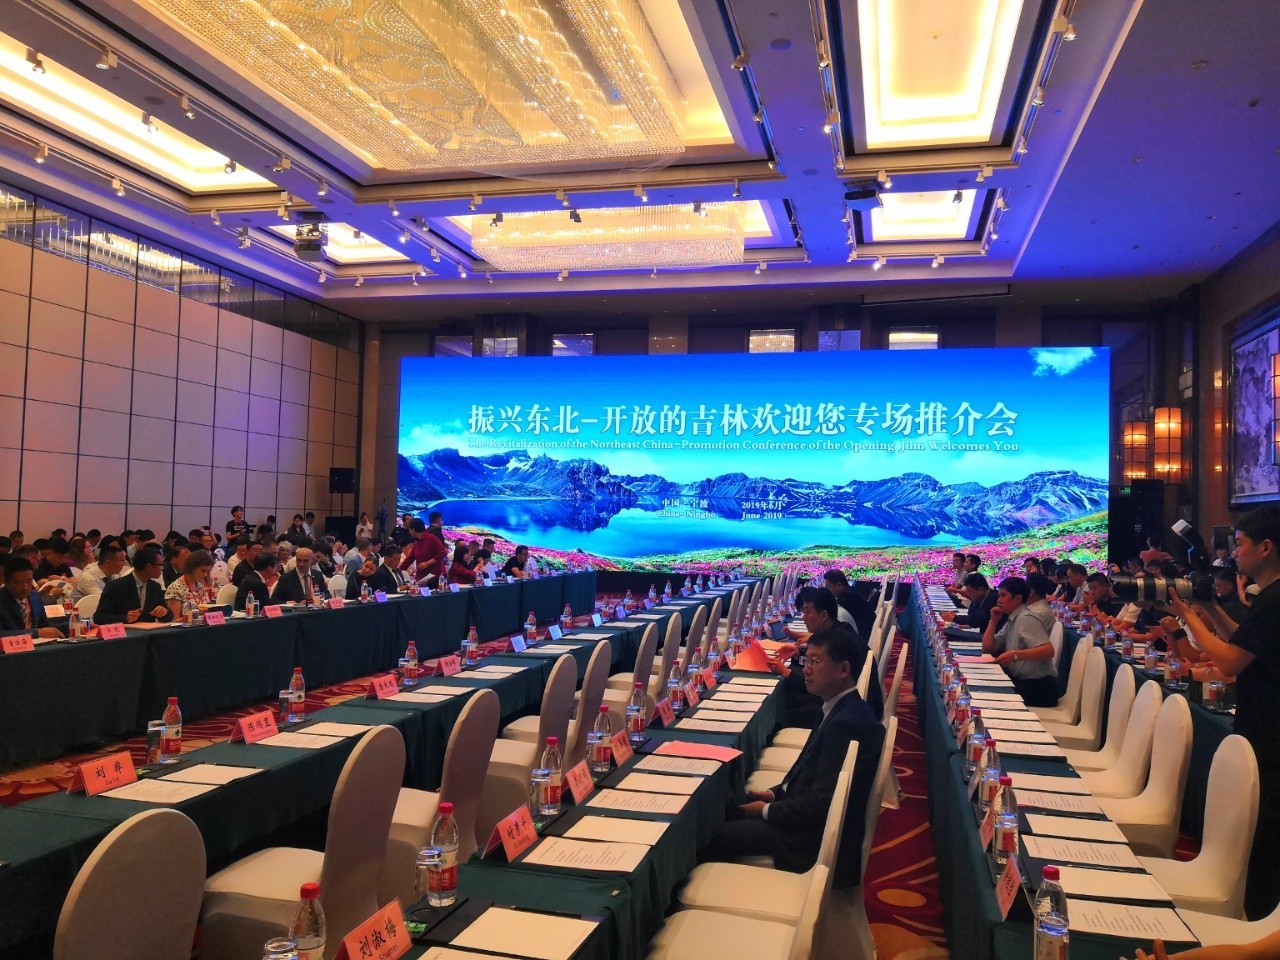 「振兴东北-开放的吉林欢迎您」专场推介会在宁波圆满召开